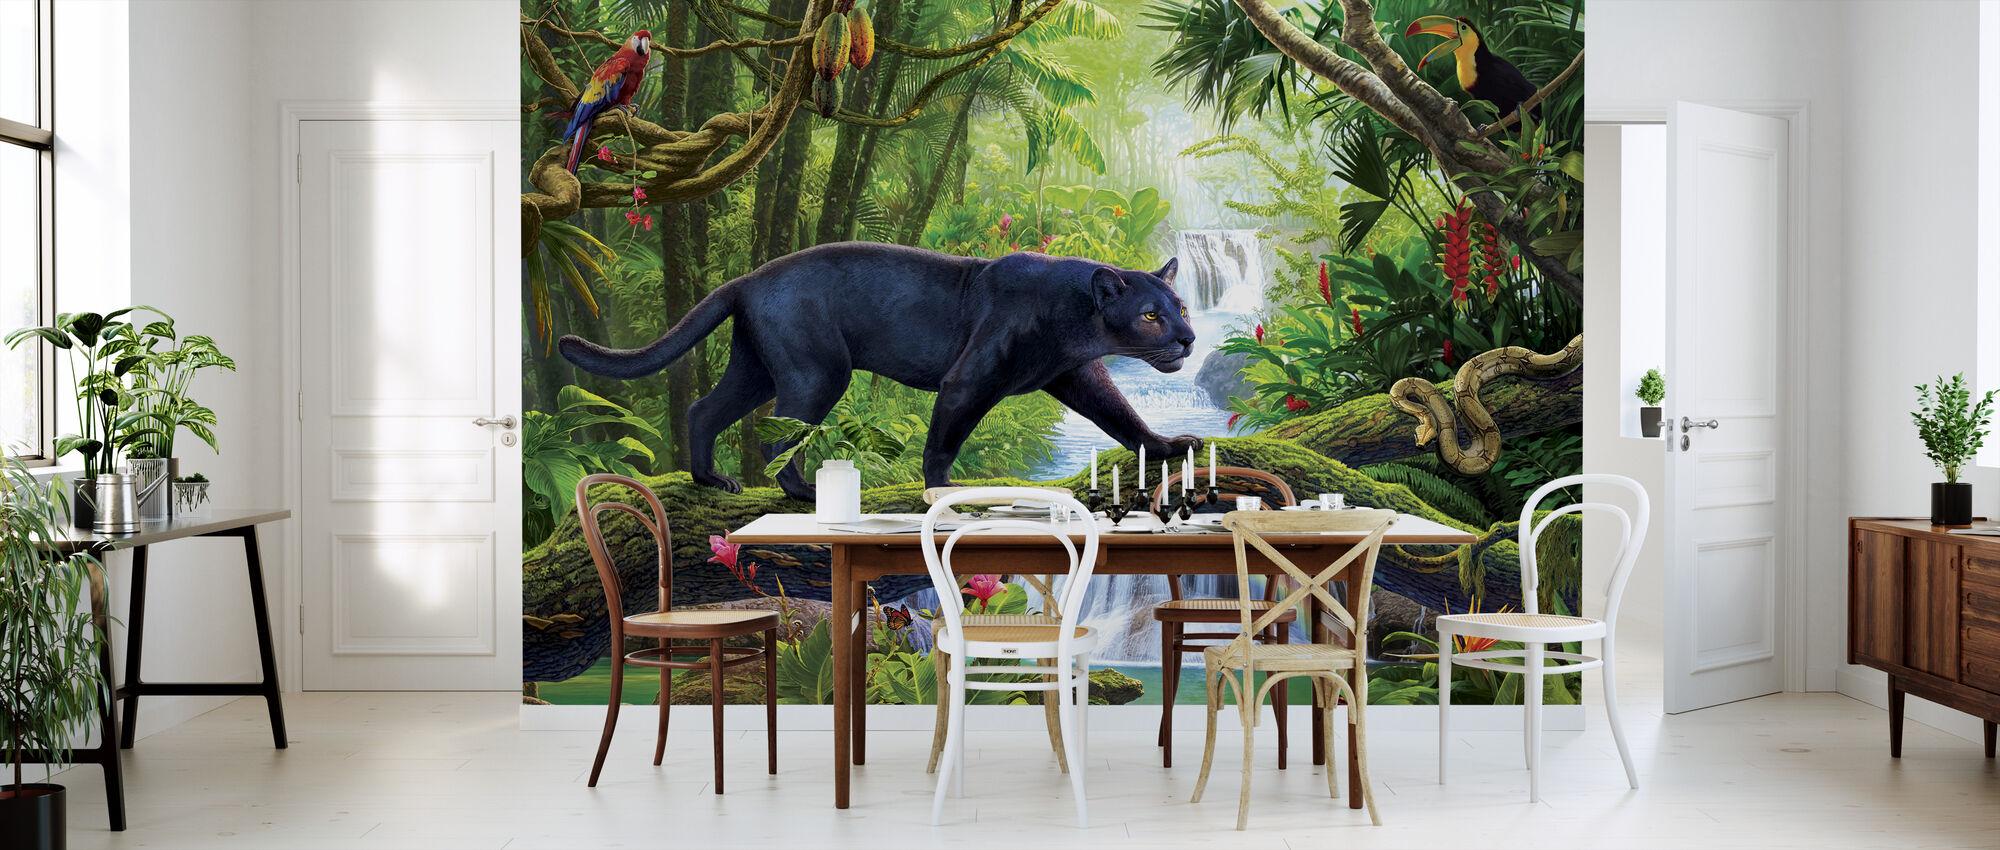 Panter In Jungle - Behang - Keuken